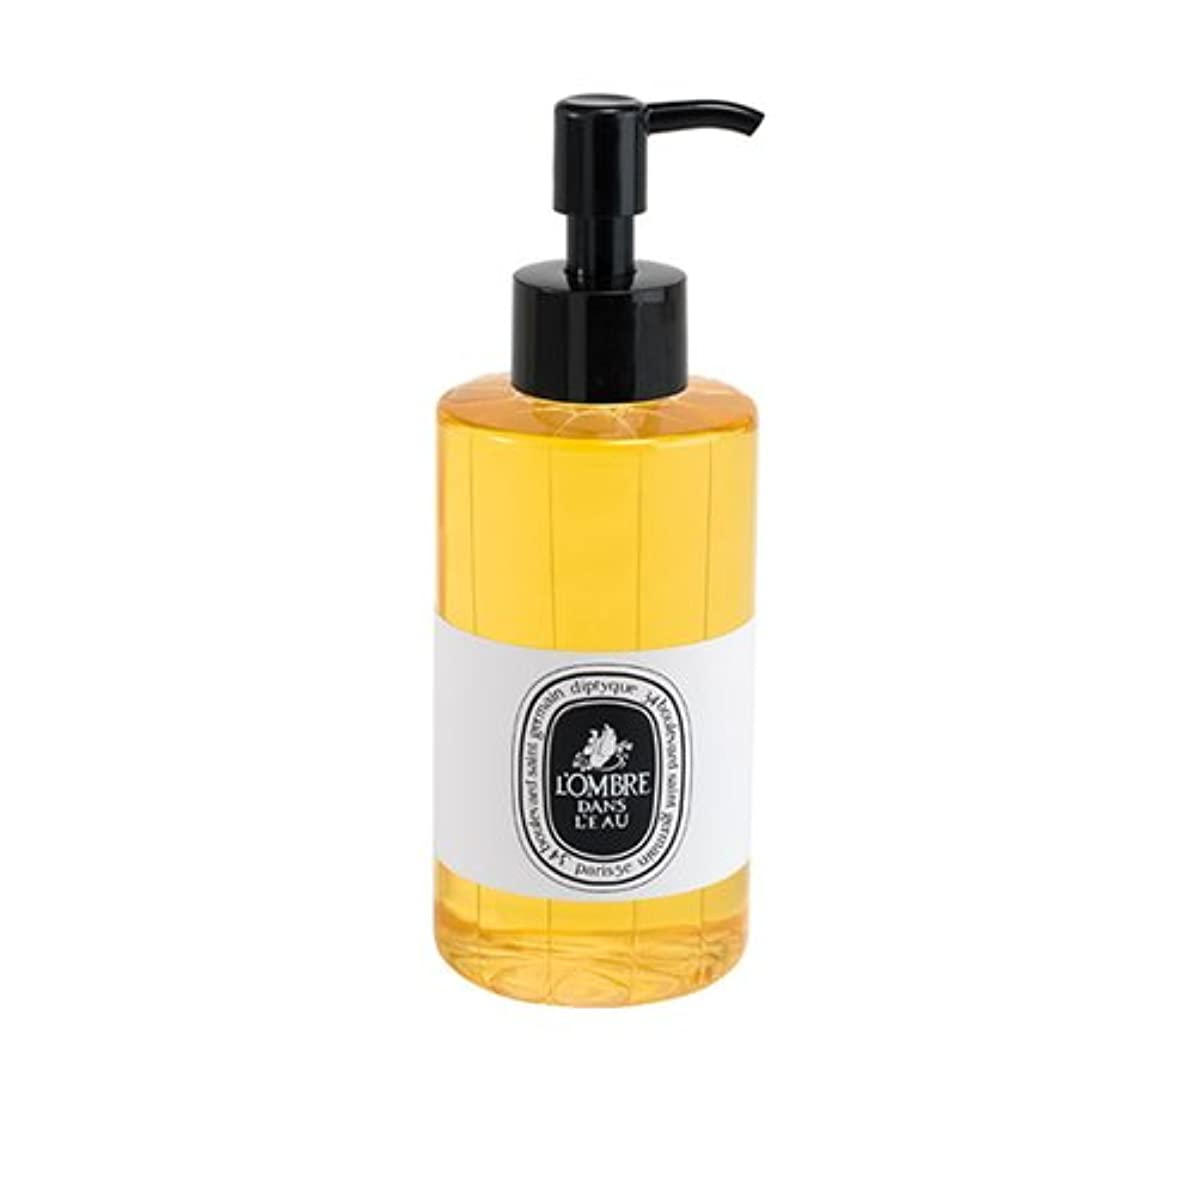 差し控える洗剤業界ディプティック シャワーオイル ロンブル ダン ロー 200ml DIPTYQUE L'OMBRE DANS L'EAU SHOWER OIL [並行輸入品]